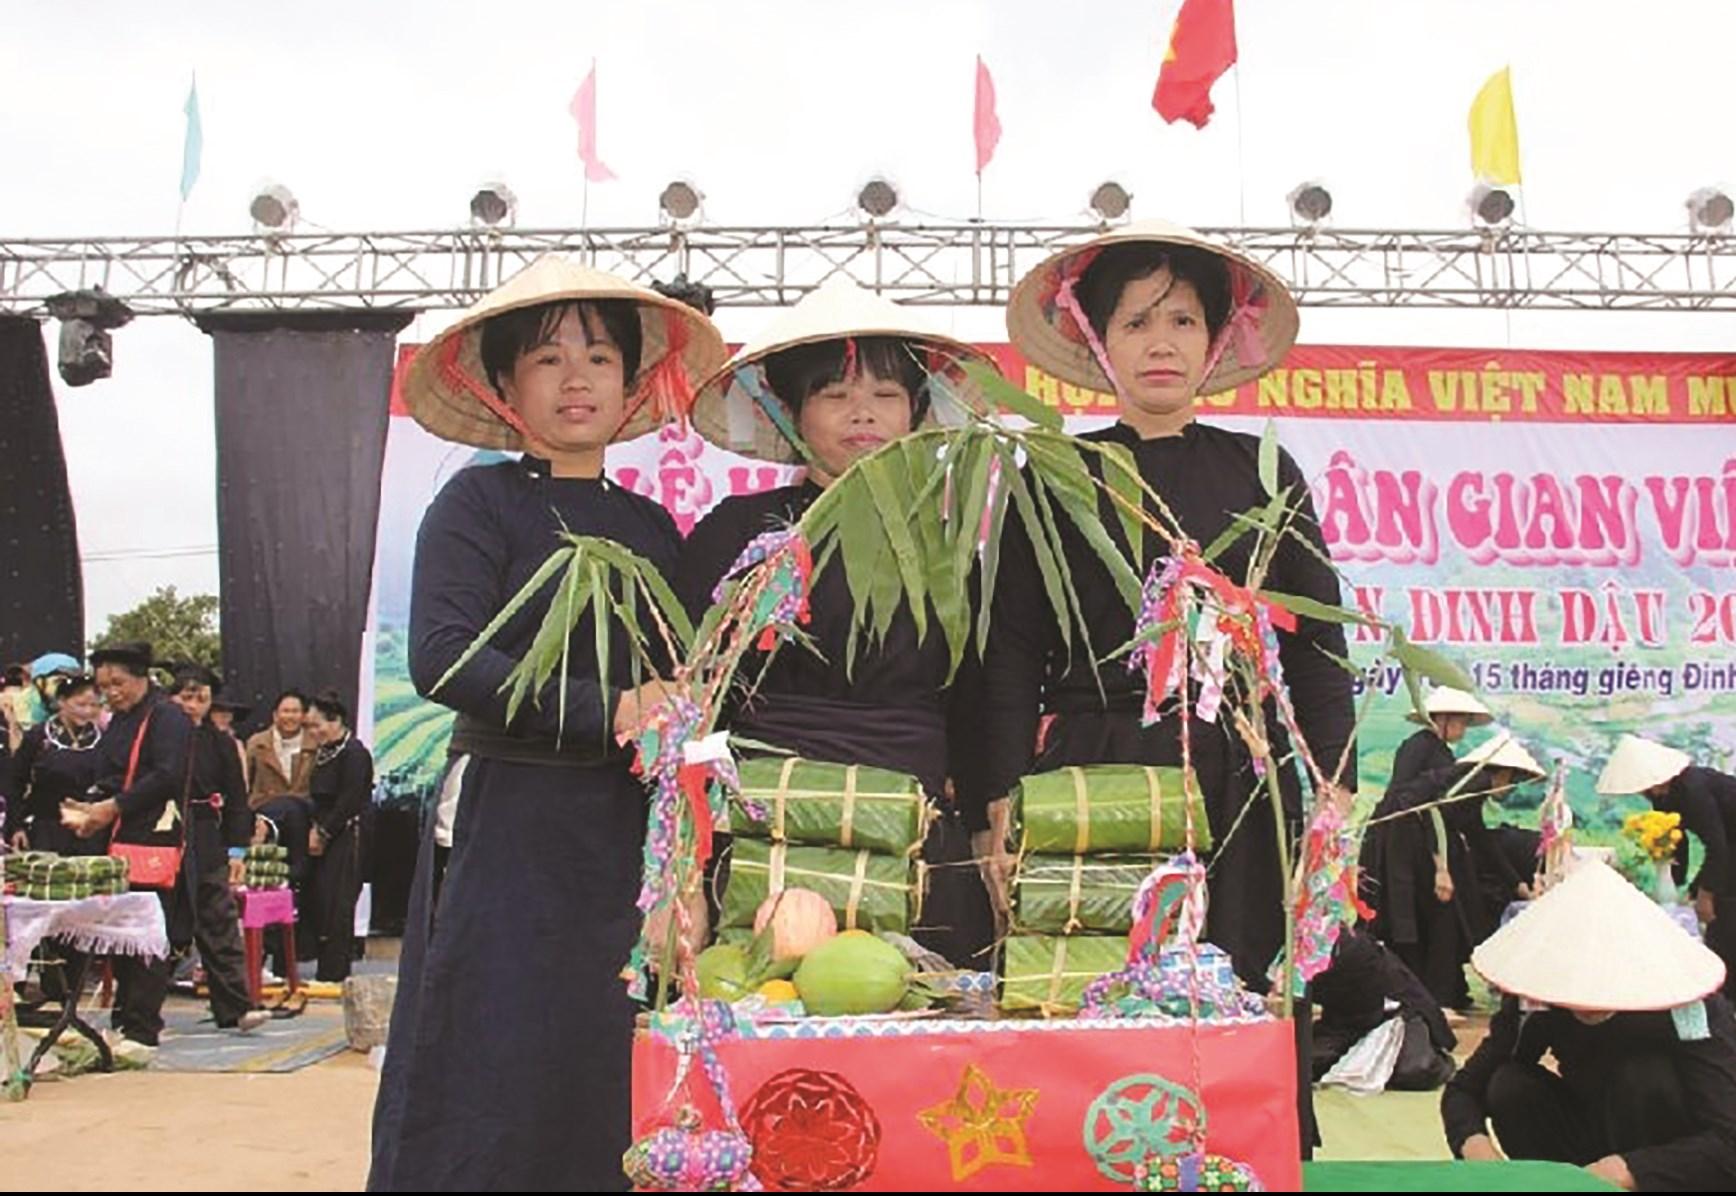 Bà con các dân tộc Tày, Nùng ở xã Ea Tam tham gia hội thi chế biến những món ẩm thực dân dã, đậm đà hương vị quê hương